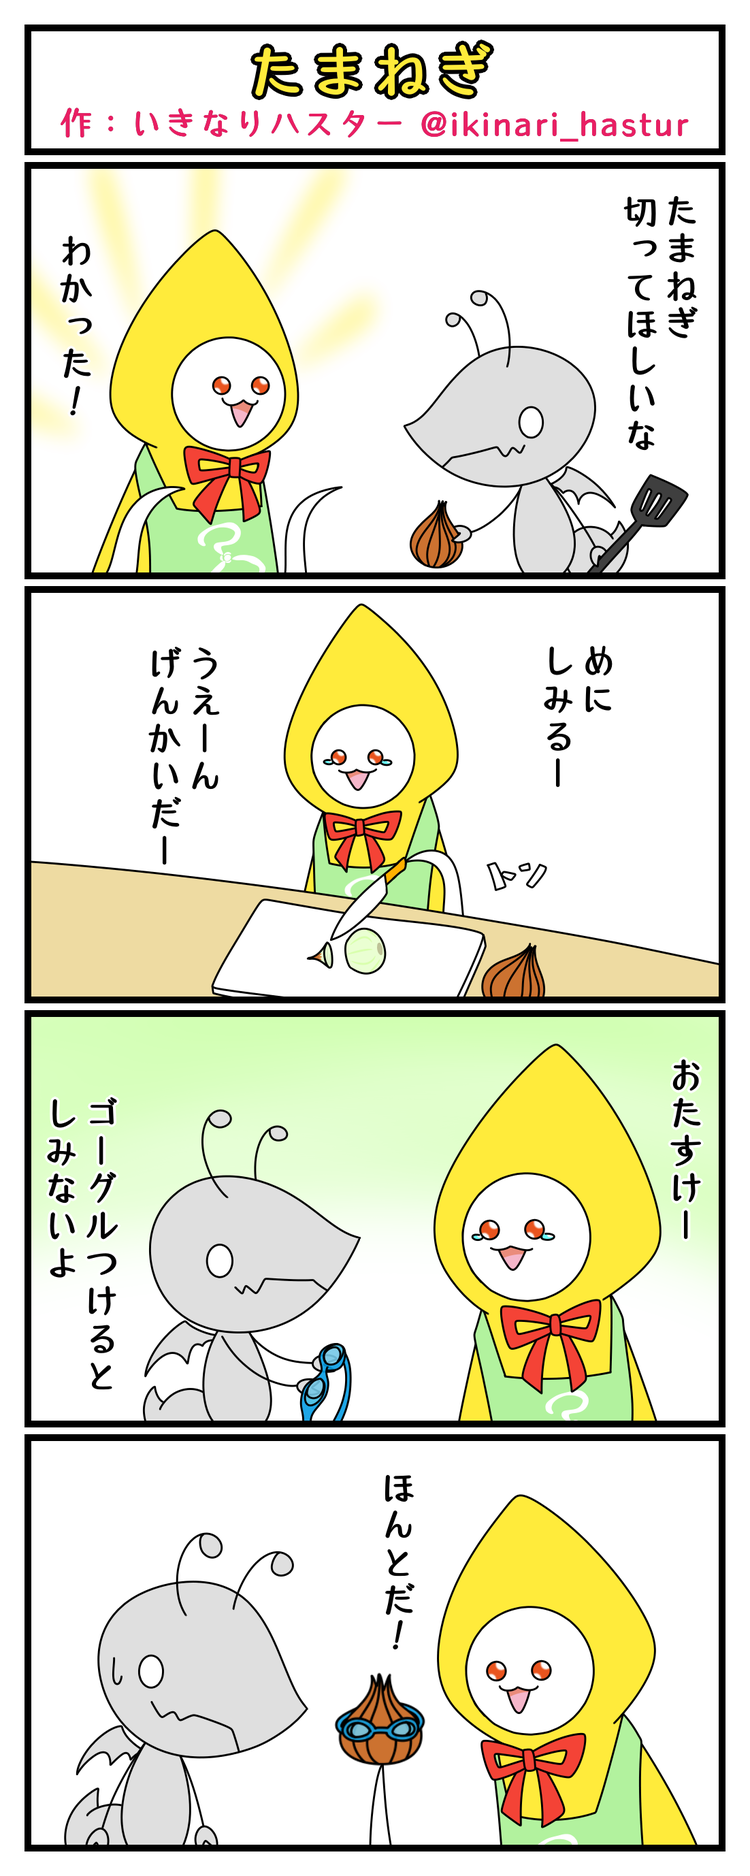 呪文 ハスター